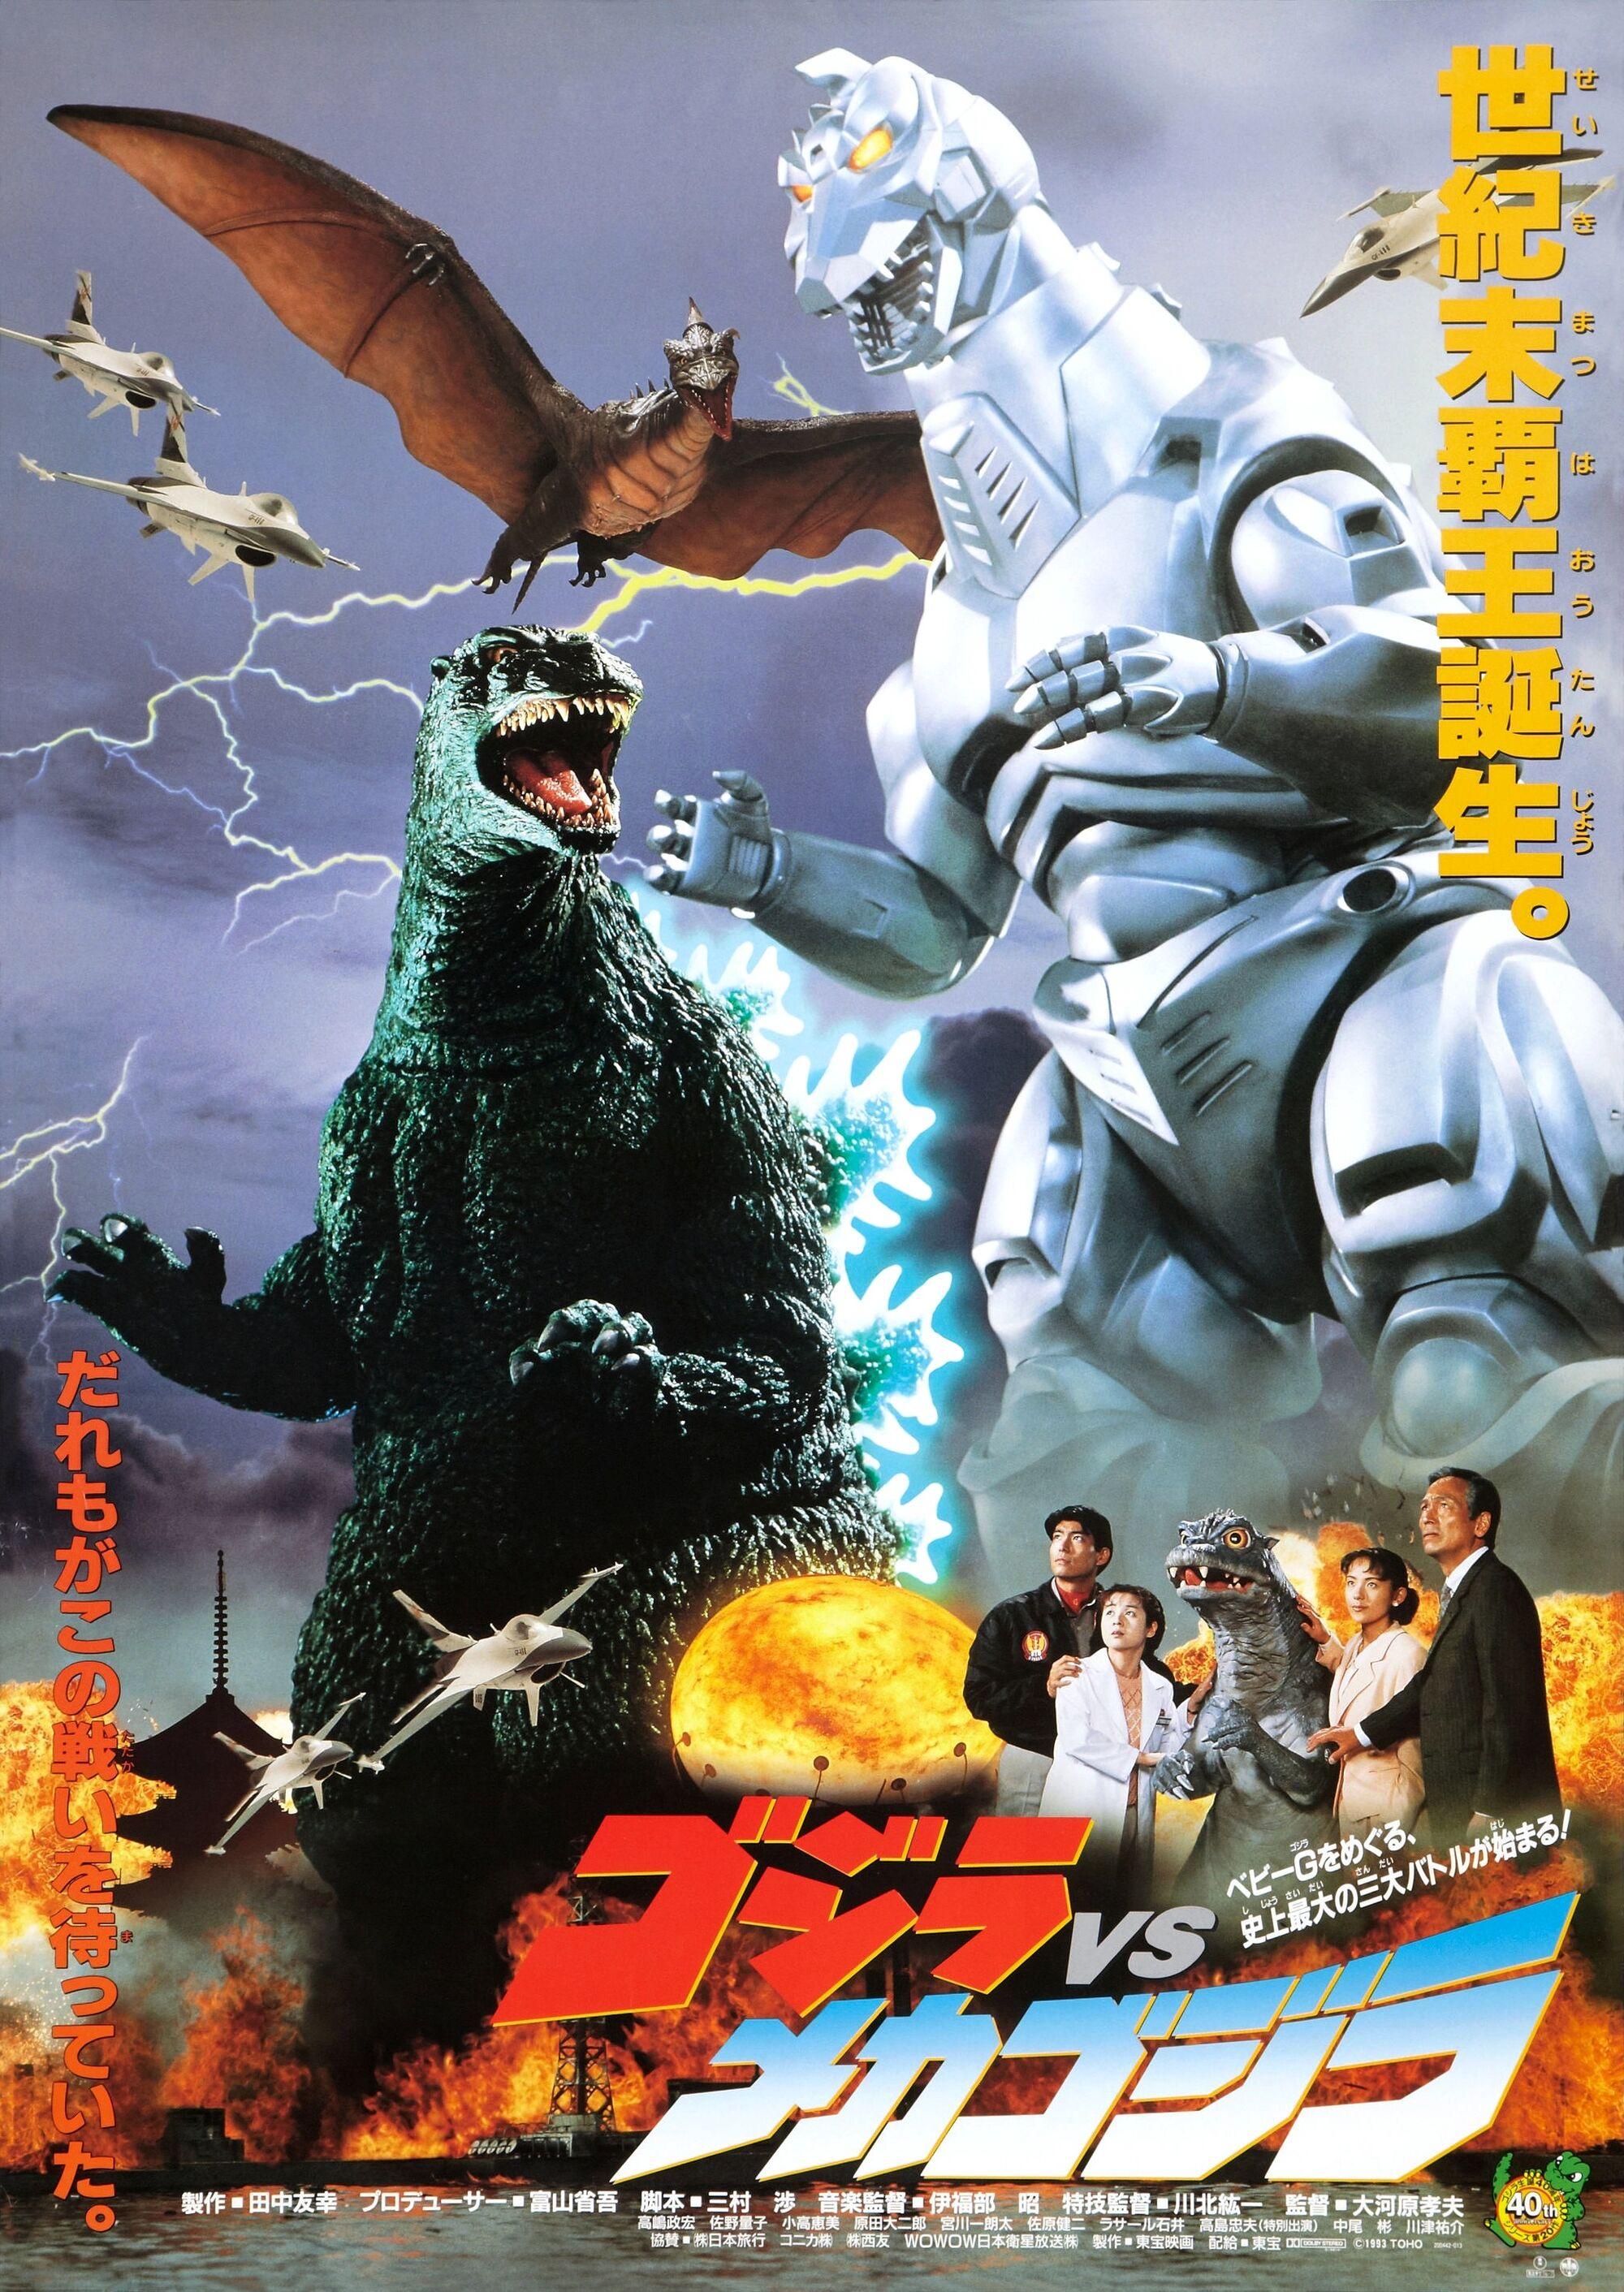 Godzilla Vs Mechagodzilla Ii  Gojipedia  Fandom Powered By Wikia-7548